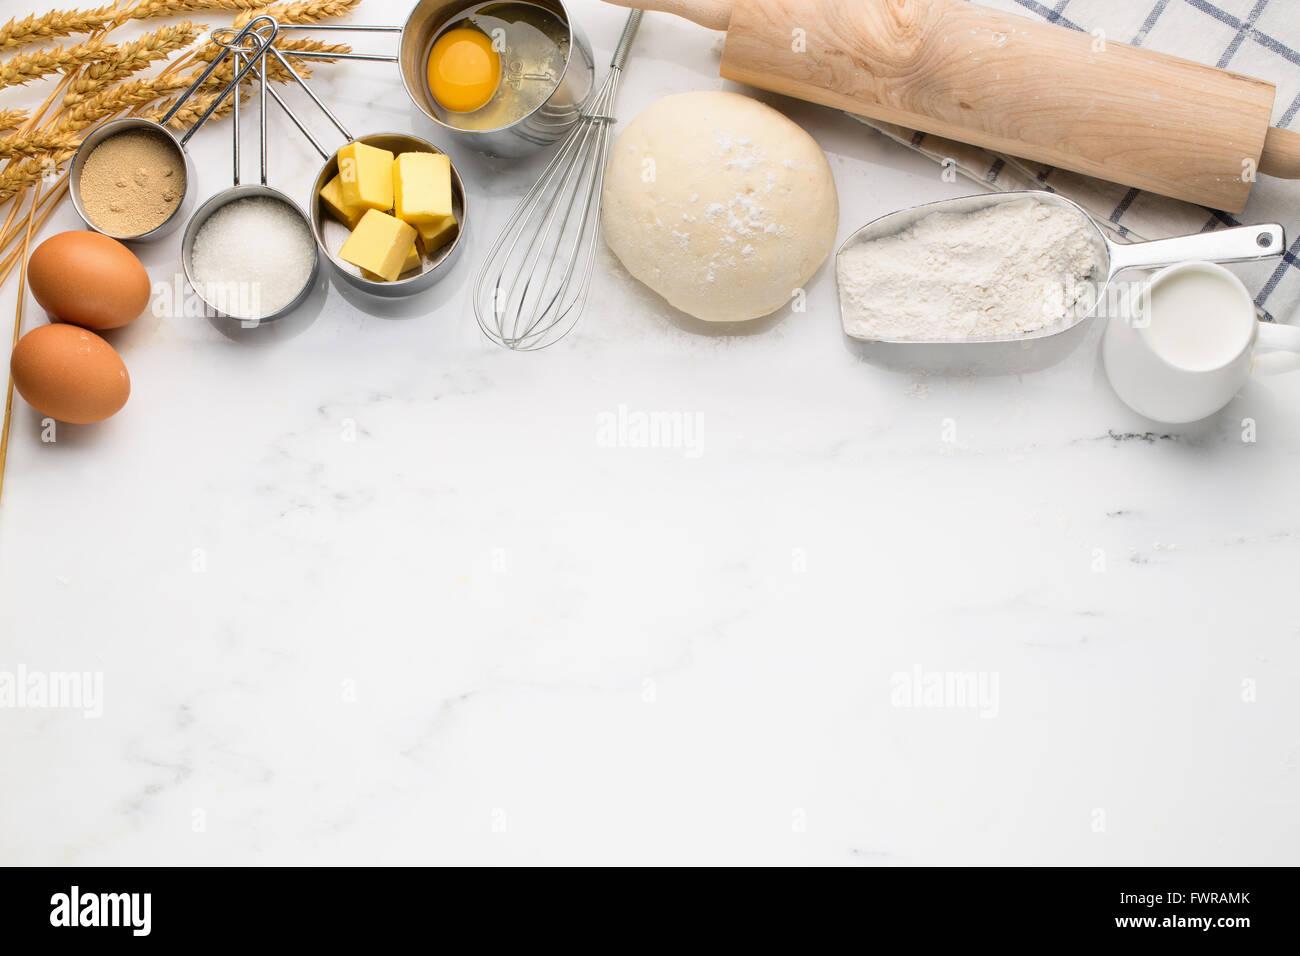 La cuisson des gâteaux, recette de pâte à modeler ingrédients (oeufs, farine, lait, beurre, Photo Stock